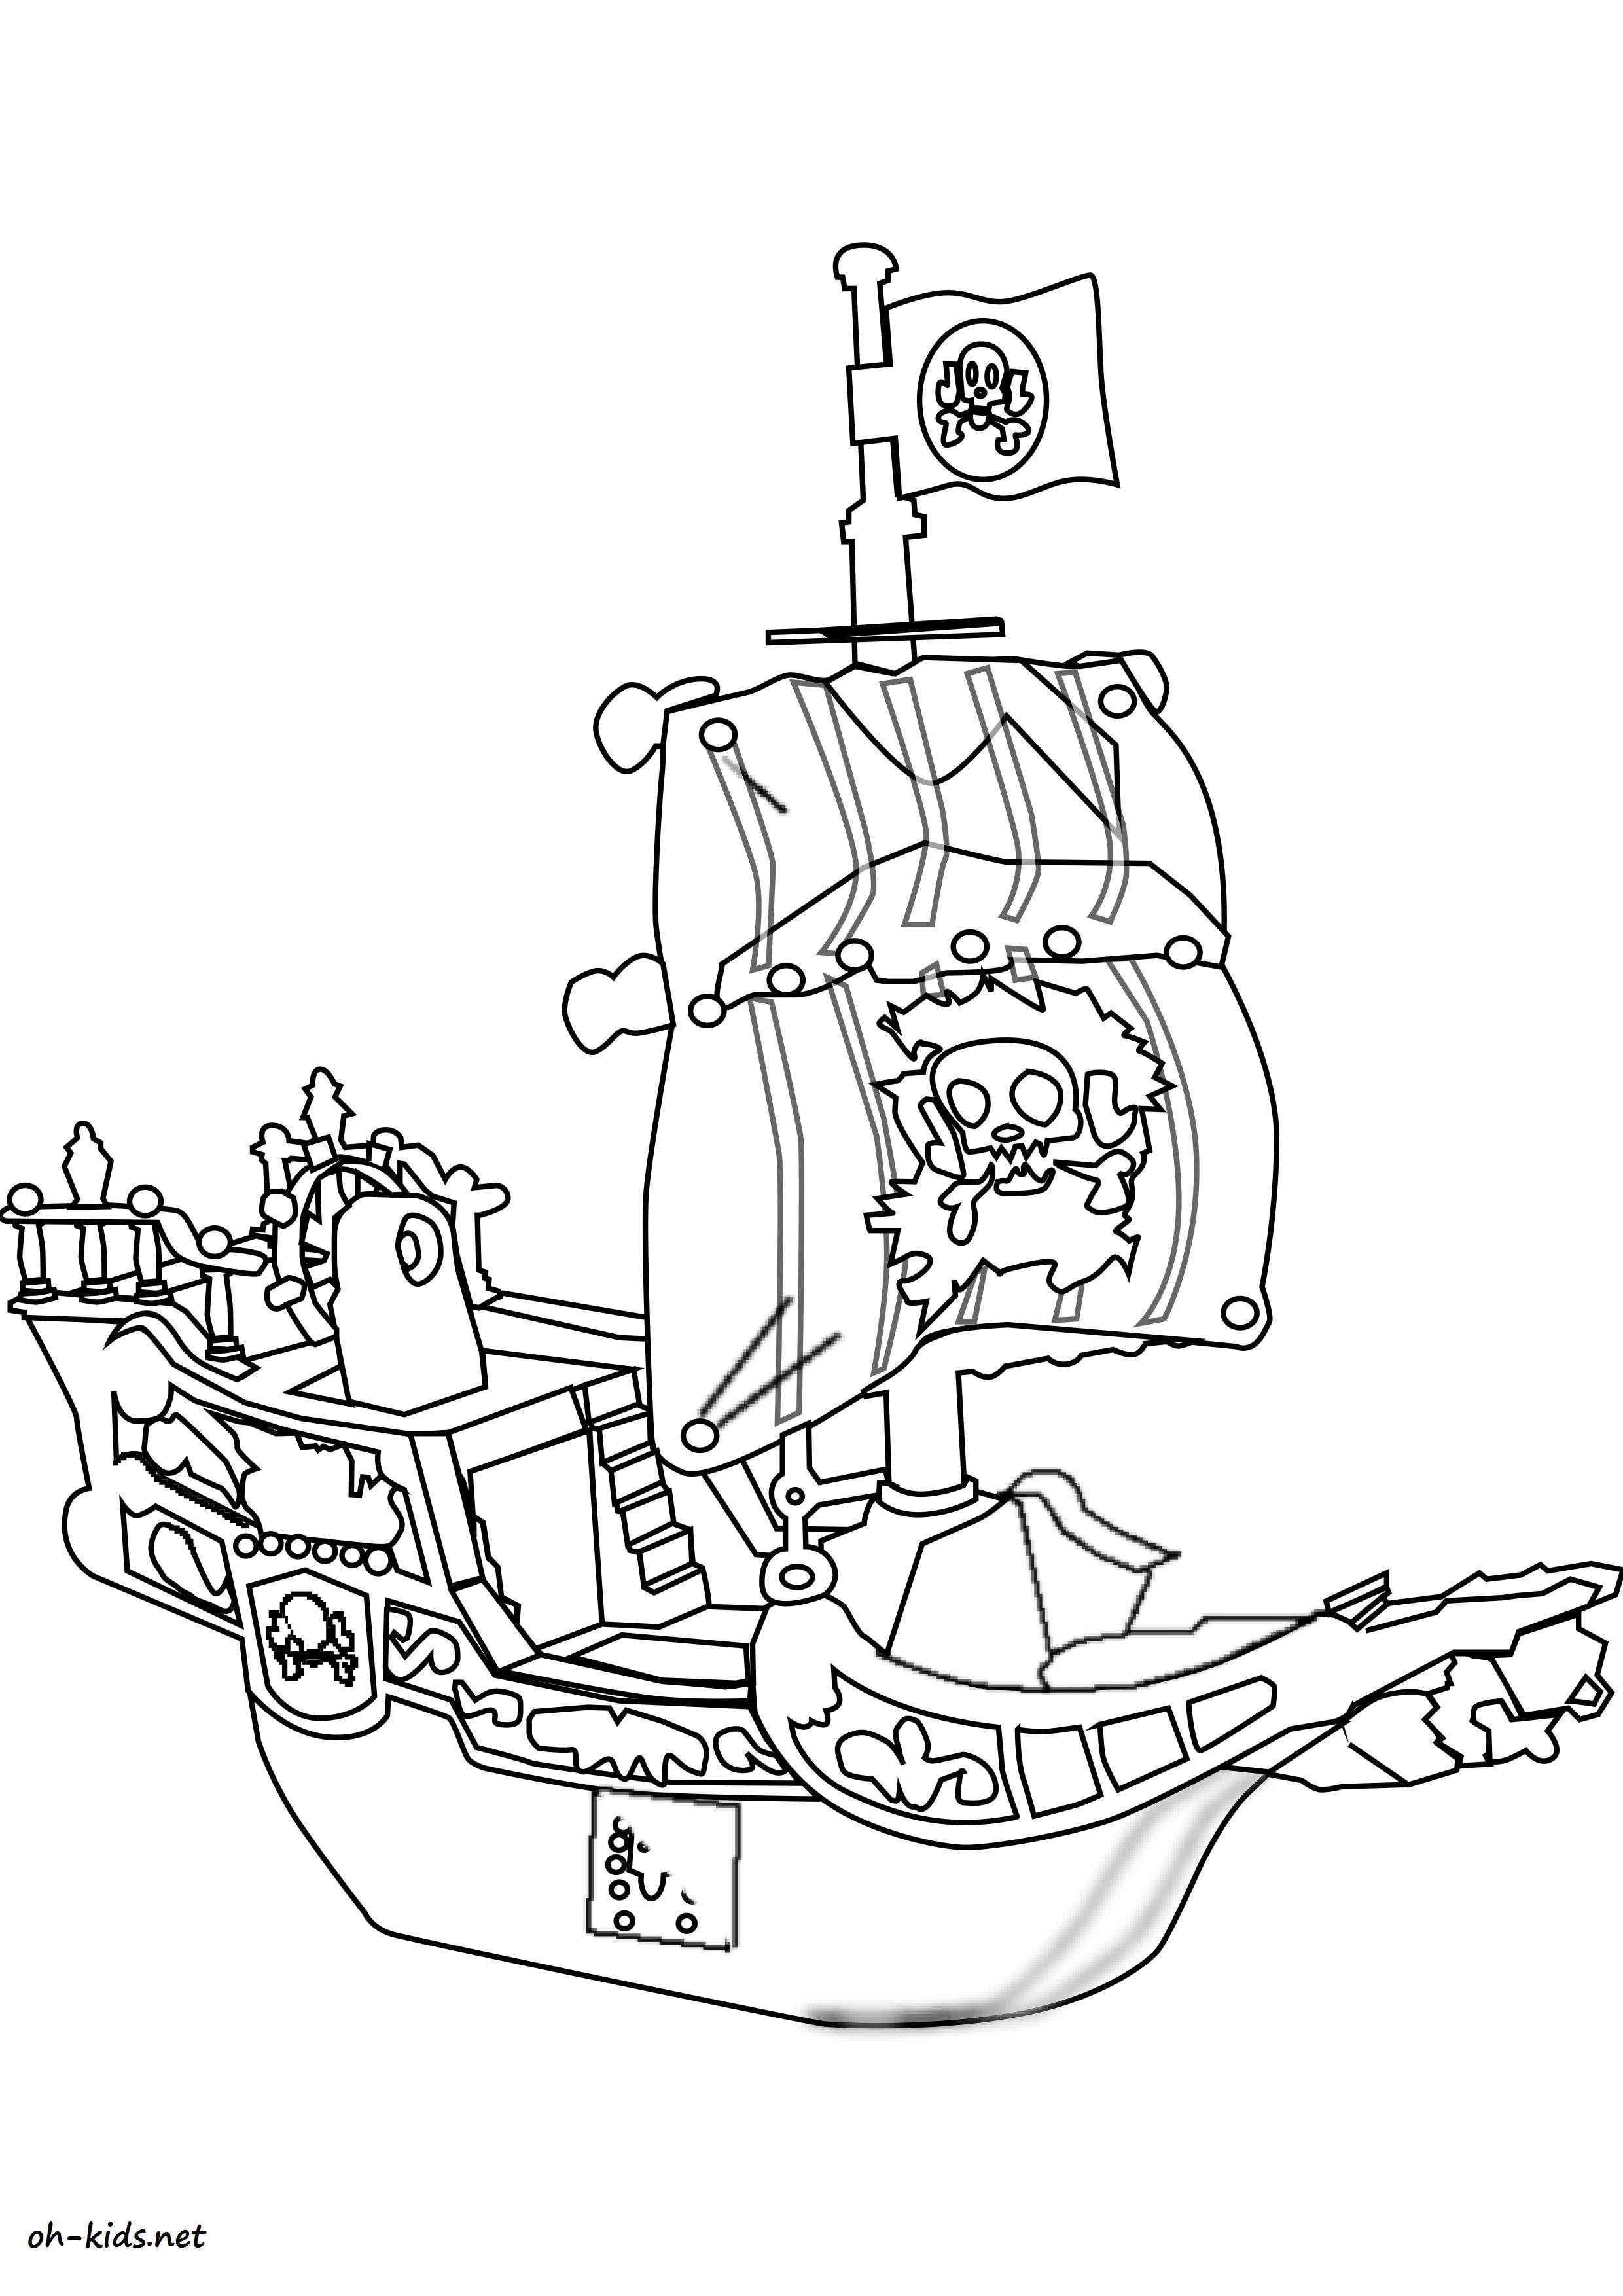 Coloriage Bateau De Guerre Gratuit.Dessin 1446 Coloriage Bateau De Guerre A Imprimer Oh Kids Net